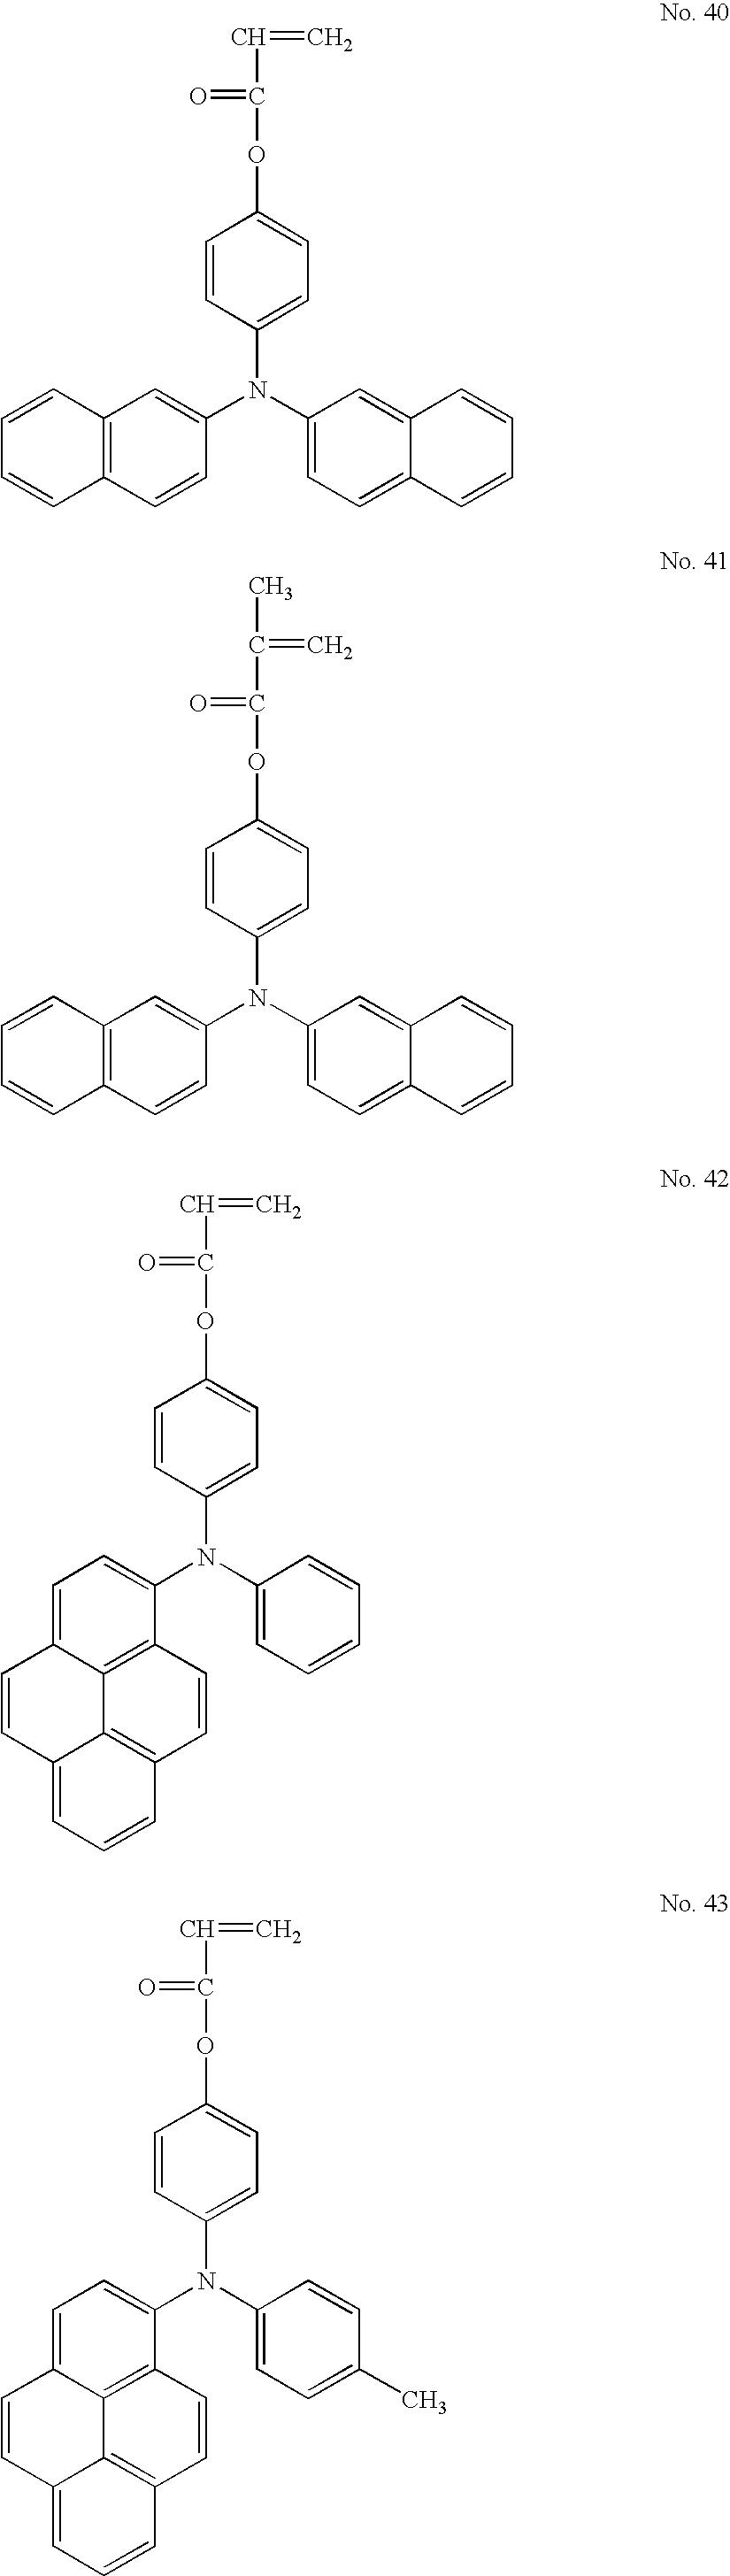 Figure US07824830-20101102-C00029